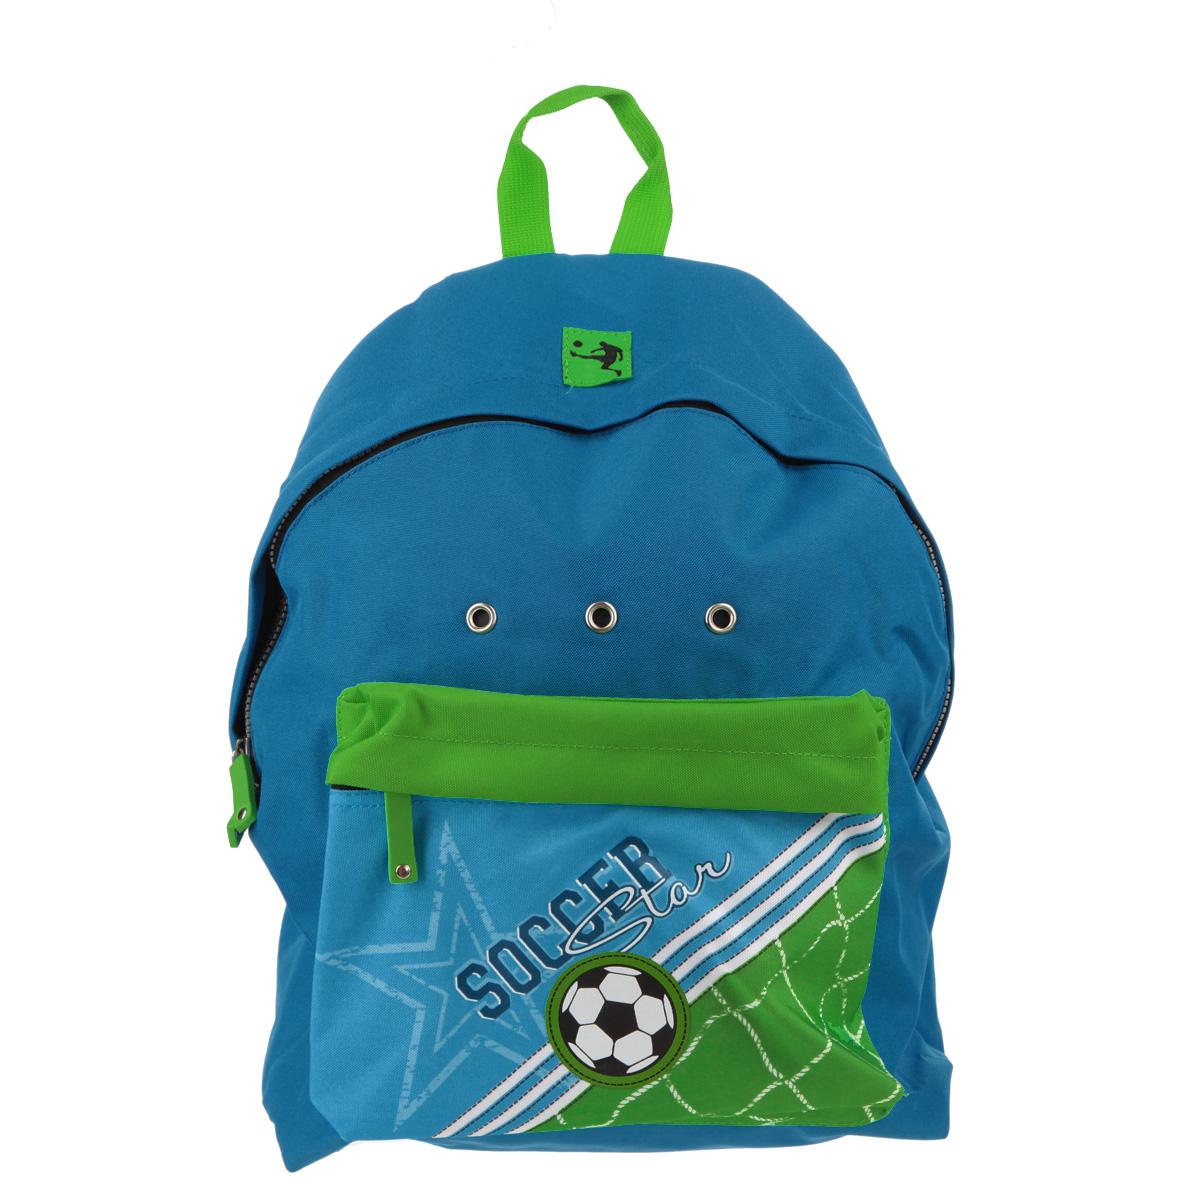 Рюкзак Erich Krause Soccer, цвет: синий, зеленый37172Рюкзак Erich Krause Soccer легкий, компактный выполнен из водонепроницаемого материла и дополнен изображением в виде футбольного мяча. Содержит одно вместительное отделение, закрывающееся на пластиковый замок-молнию с двумя бегунками. Внутри отделения расположен нашивной карман, на котором находятся открытый кармашек, карман-сетка на молнии и два фиксатора для канцелярских принадлежностей. Лицевая сторона рюкзака оснащена фронтальным карманом на застежке-молнии. Мягкие лямки позволяют легко и быстро отрегулировать рюкзак в соответствии с ростом. Рюкзак оснащен удобной текстильной ручкой для переноски в руке. Этот рюкзак можно использовать для повседневных прогулок, отдыха и спорта, а также как элемент вашего имиджа.